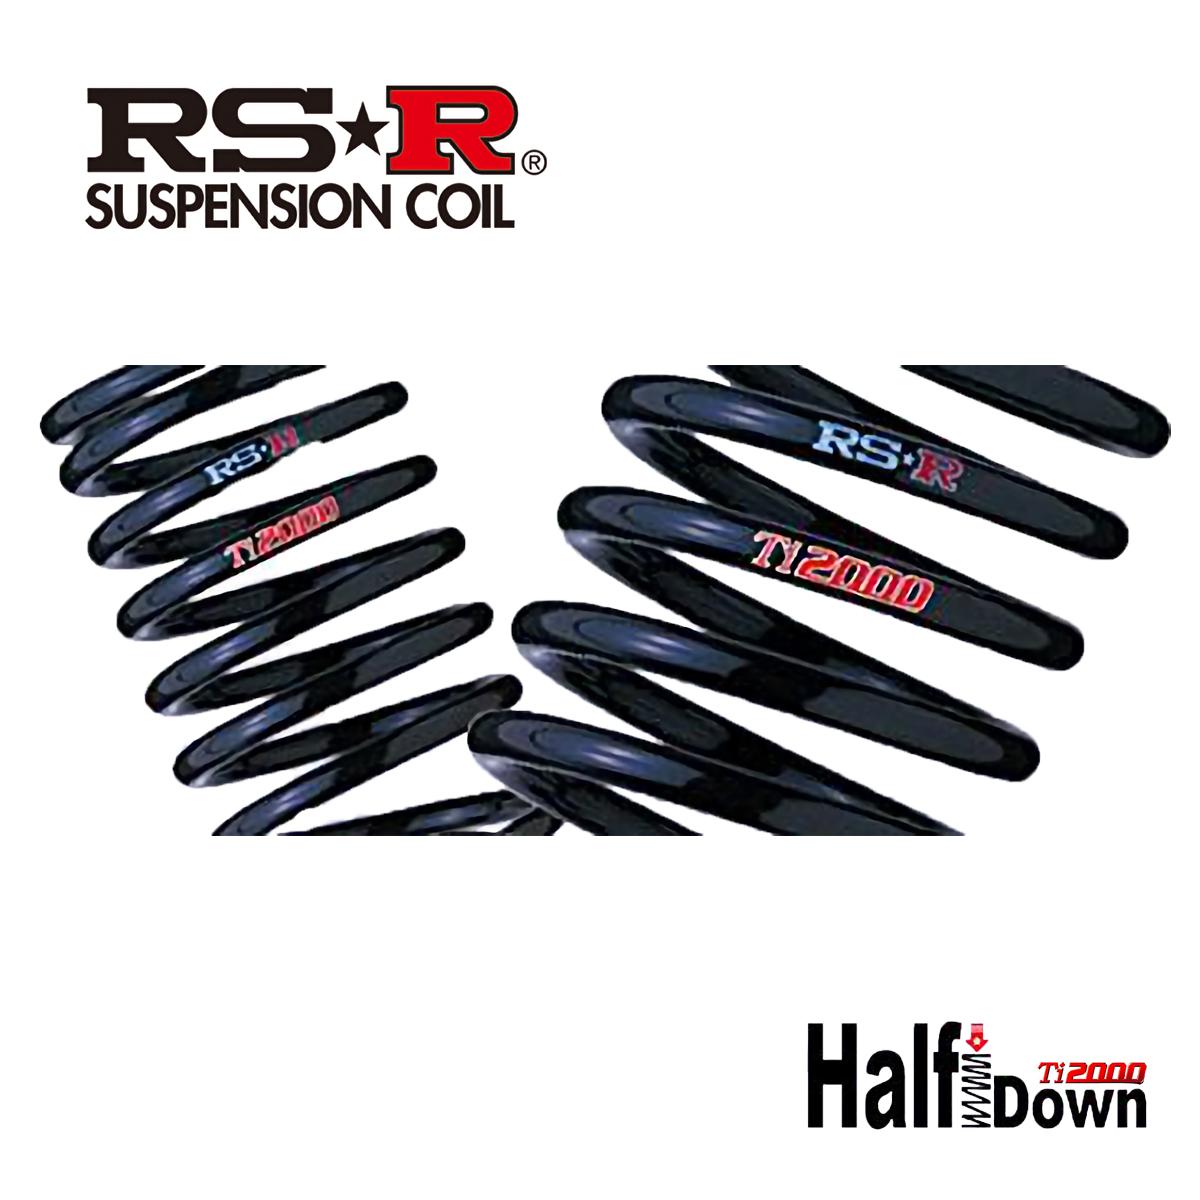 RS-R S660 α JW5 ダウンサス スプリング 1台分 H015TD Ti2000 ダウン RSR 個人宅発送追金有